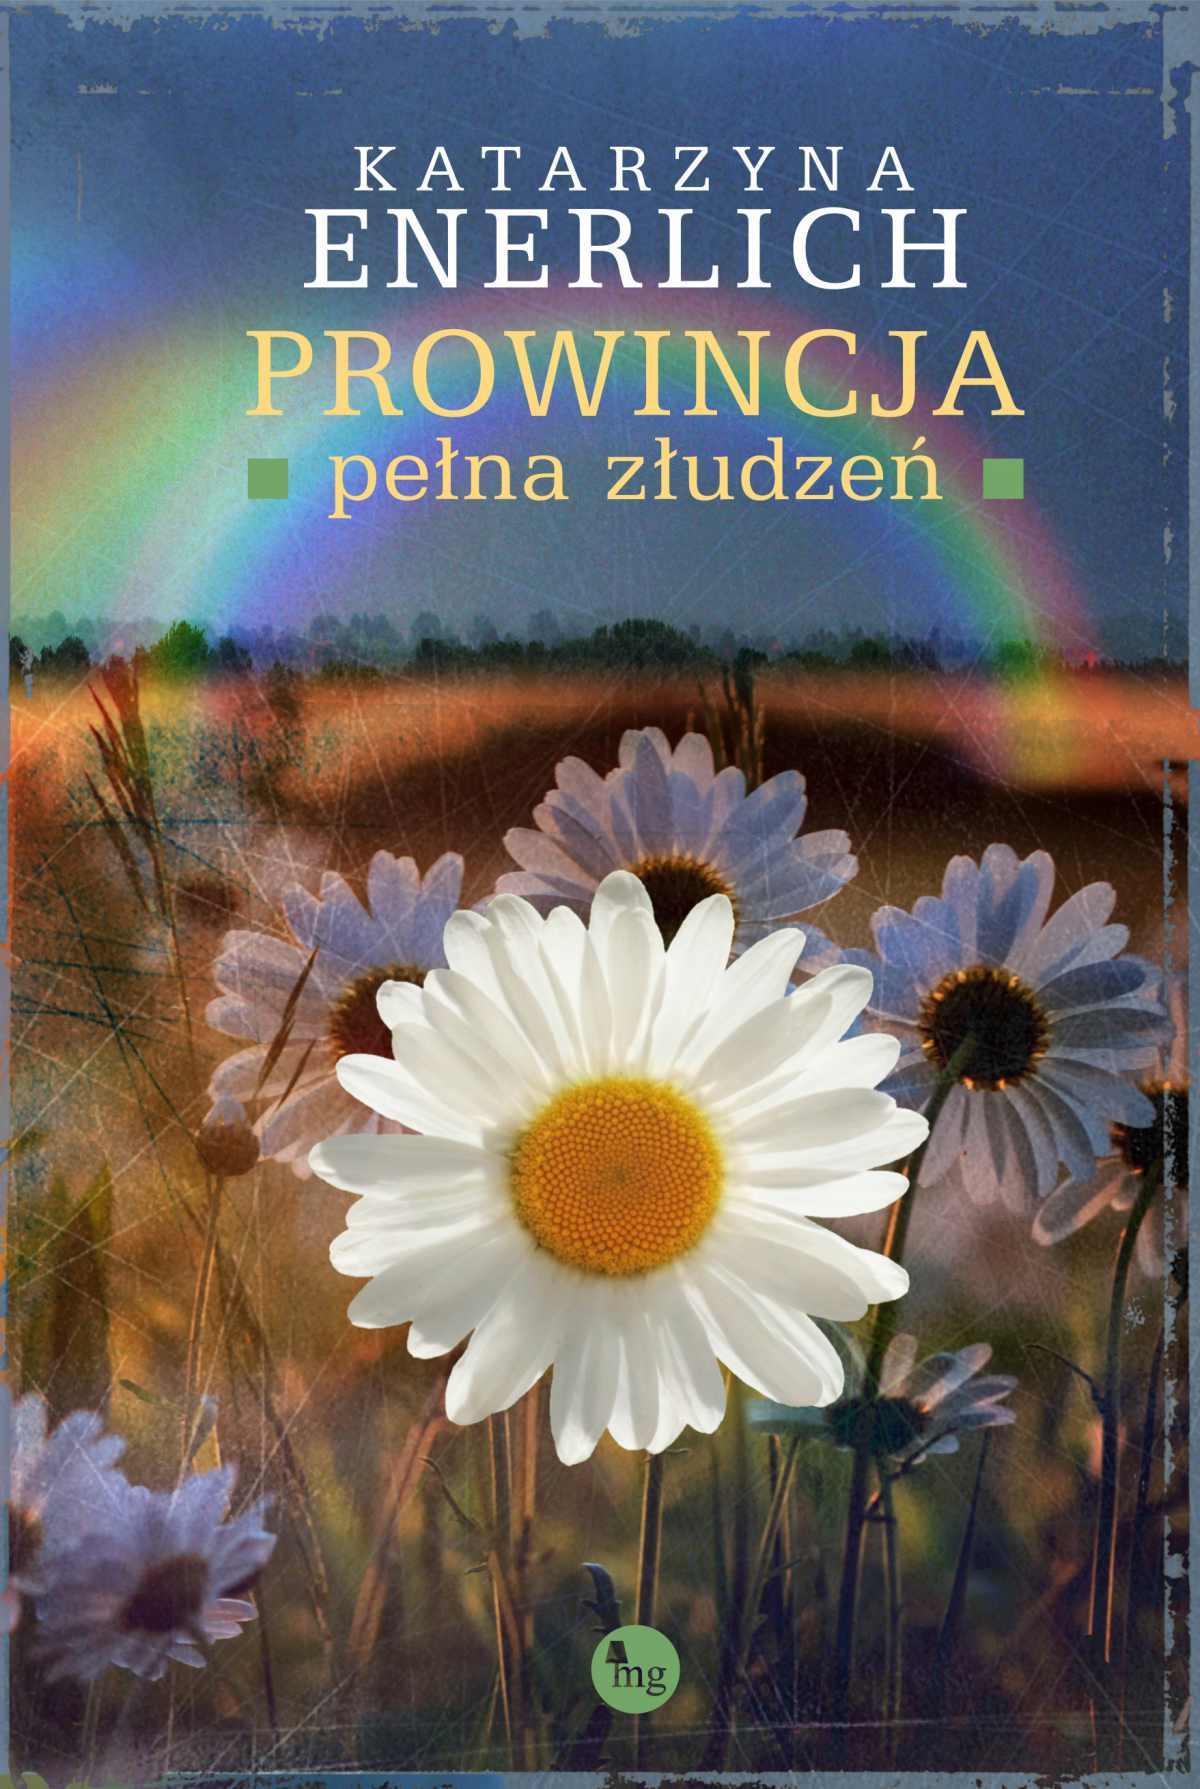 Prowincja pełna złudzeń - Ebook (Książka EPUB) do pobrania w formacie EPUB